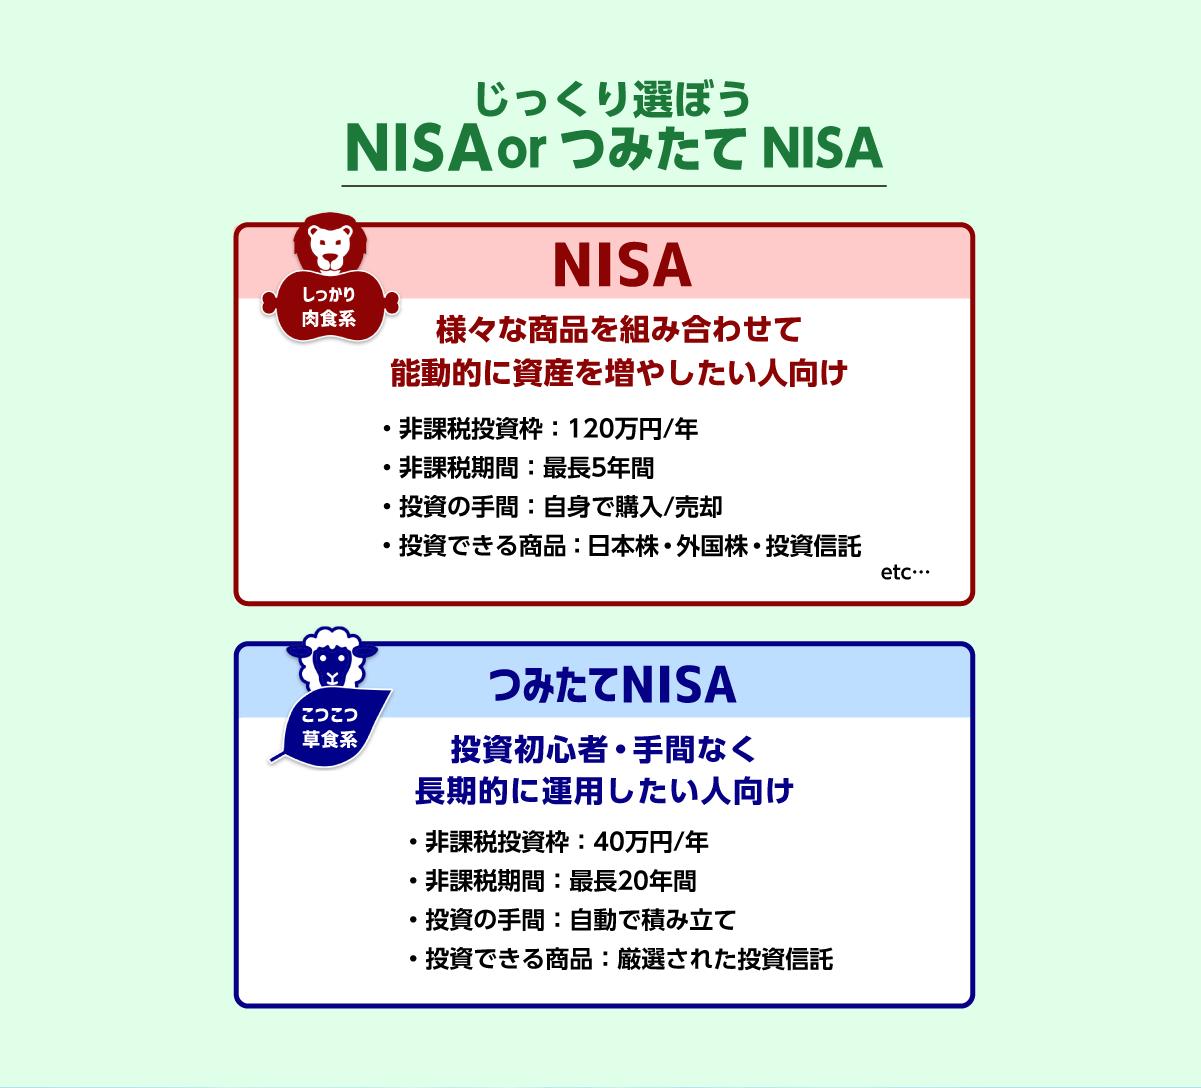 じっくり選ぼう NISAorつみたてNISA